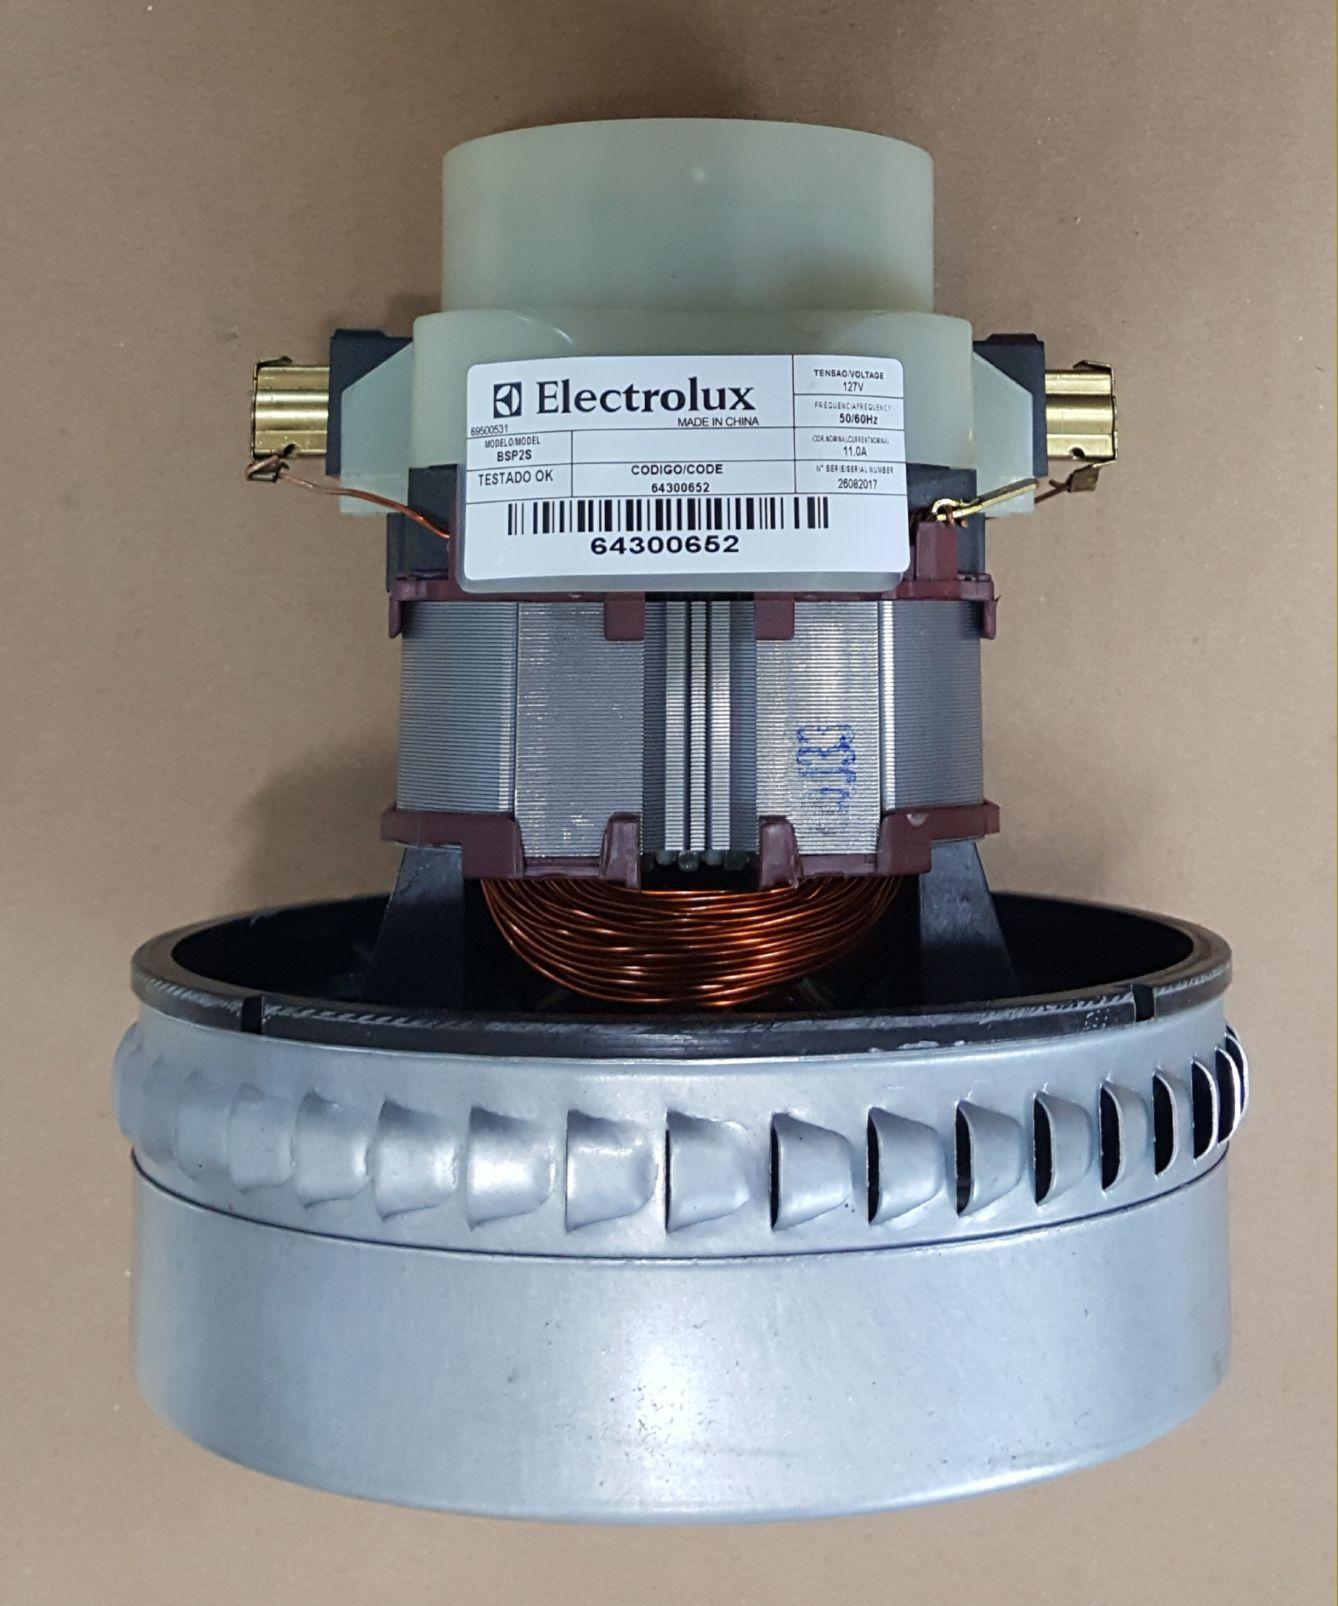 Motor Aspirador de Pó Electrolux - BPS2S - 127v - 1400w - Modelos: GT3002 / T5002